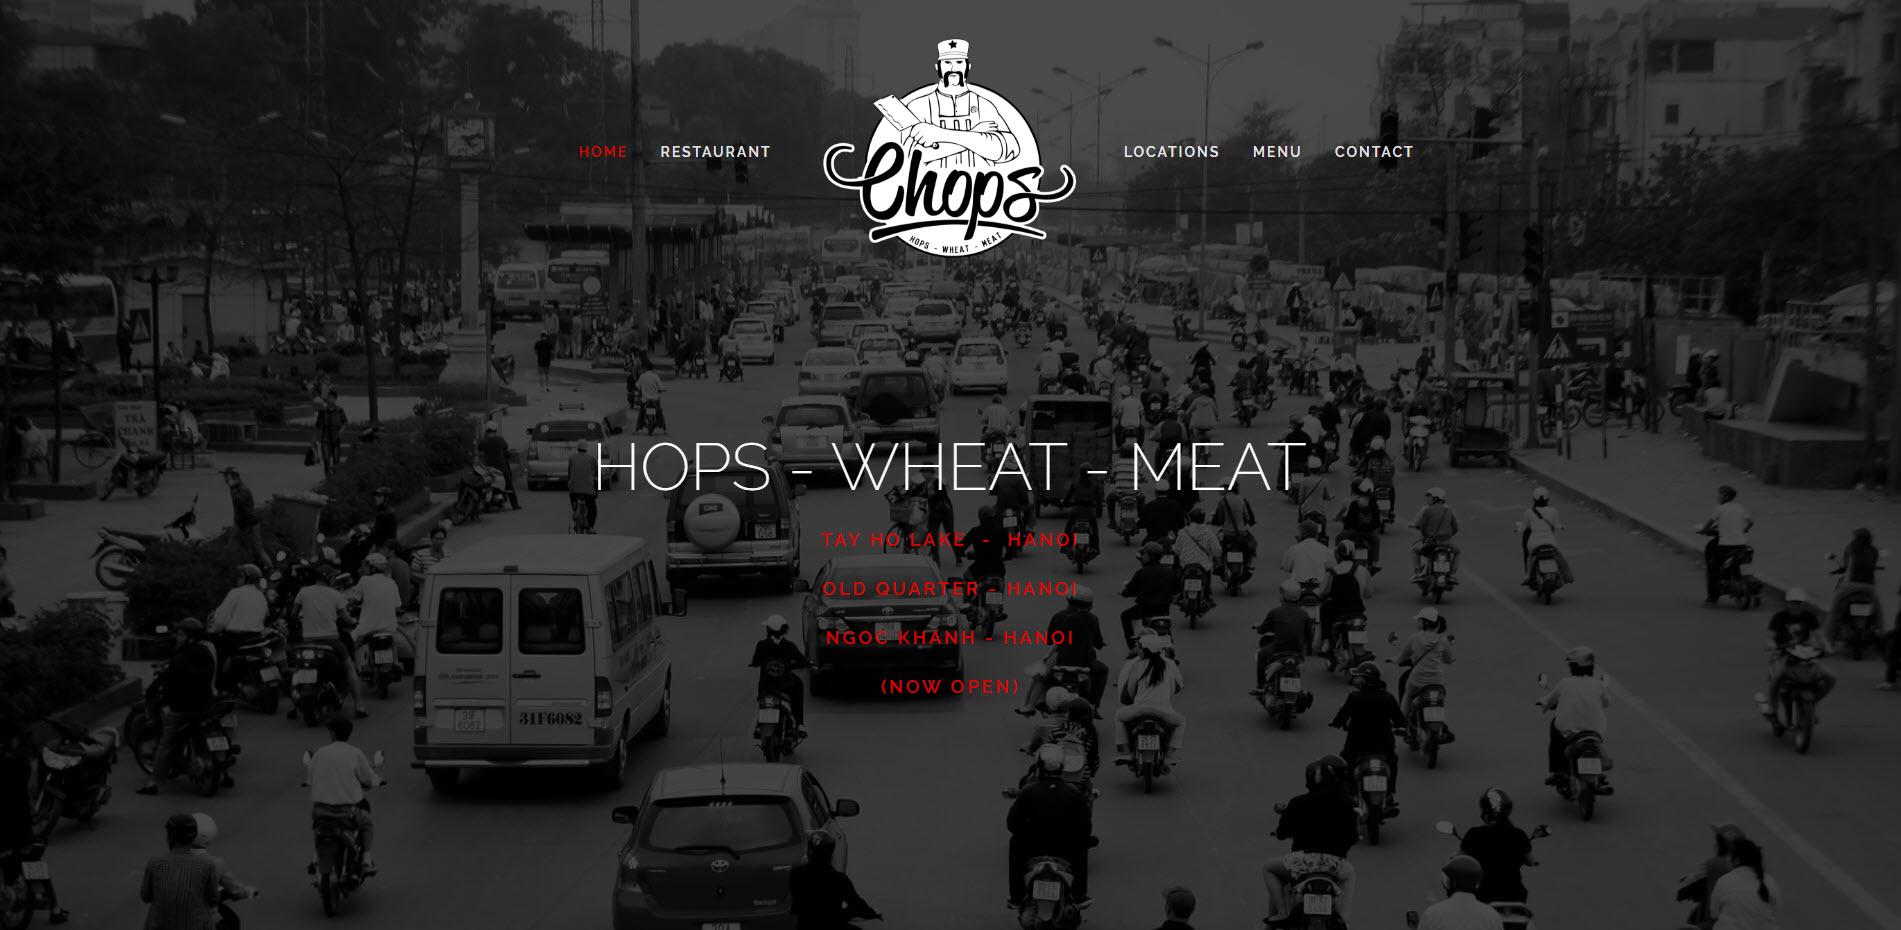 Copy of Restaurants